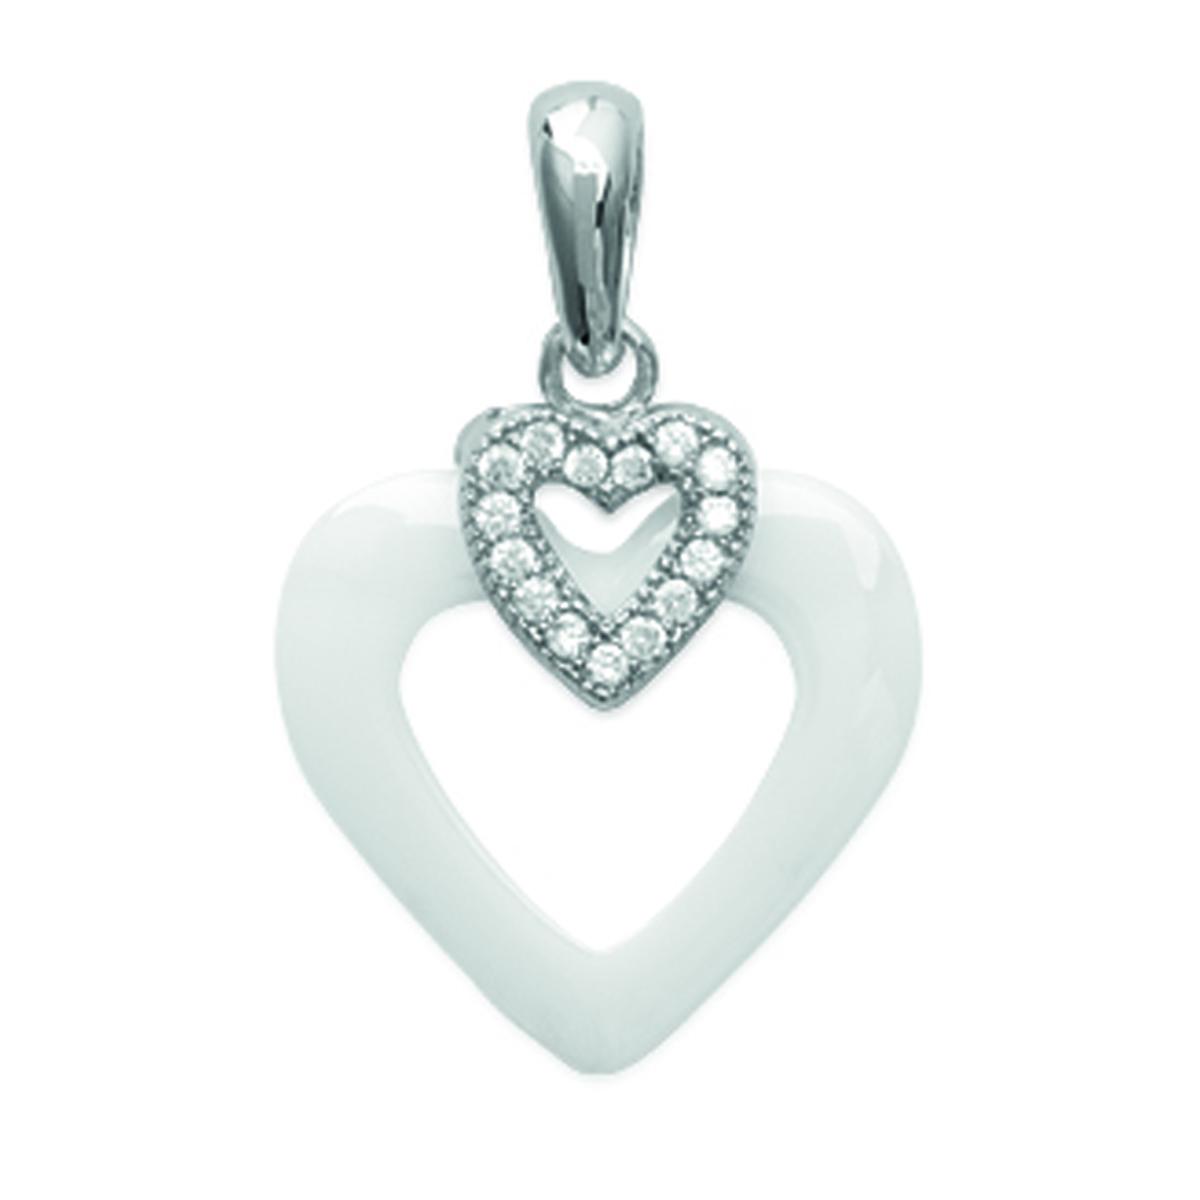 Pendentif Argent \'Love\' blanc (céramique) rhodié - 15x14 mm - [L5009]